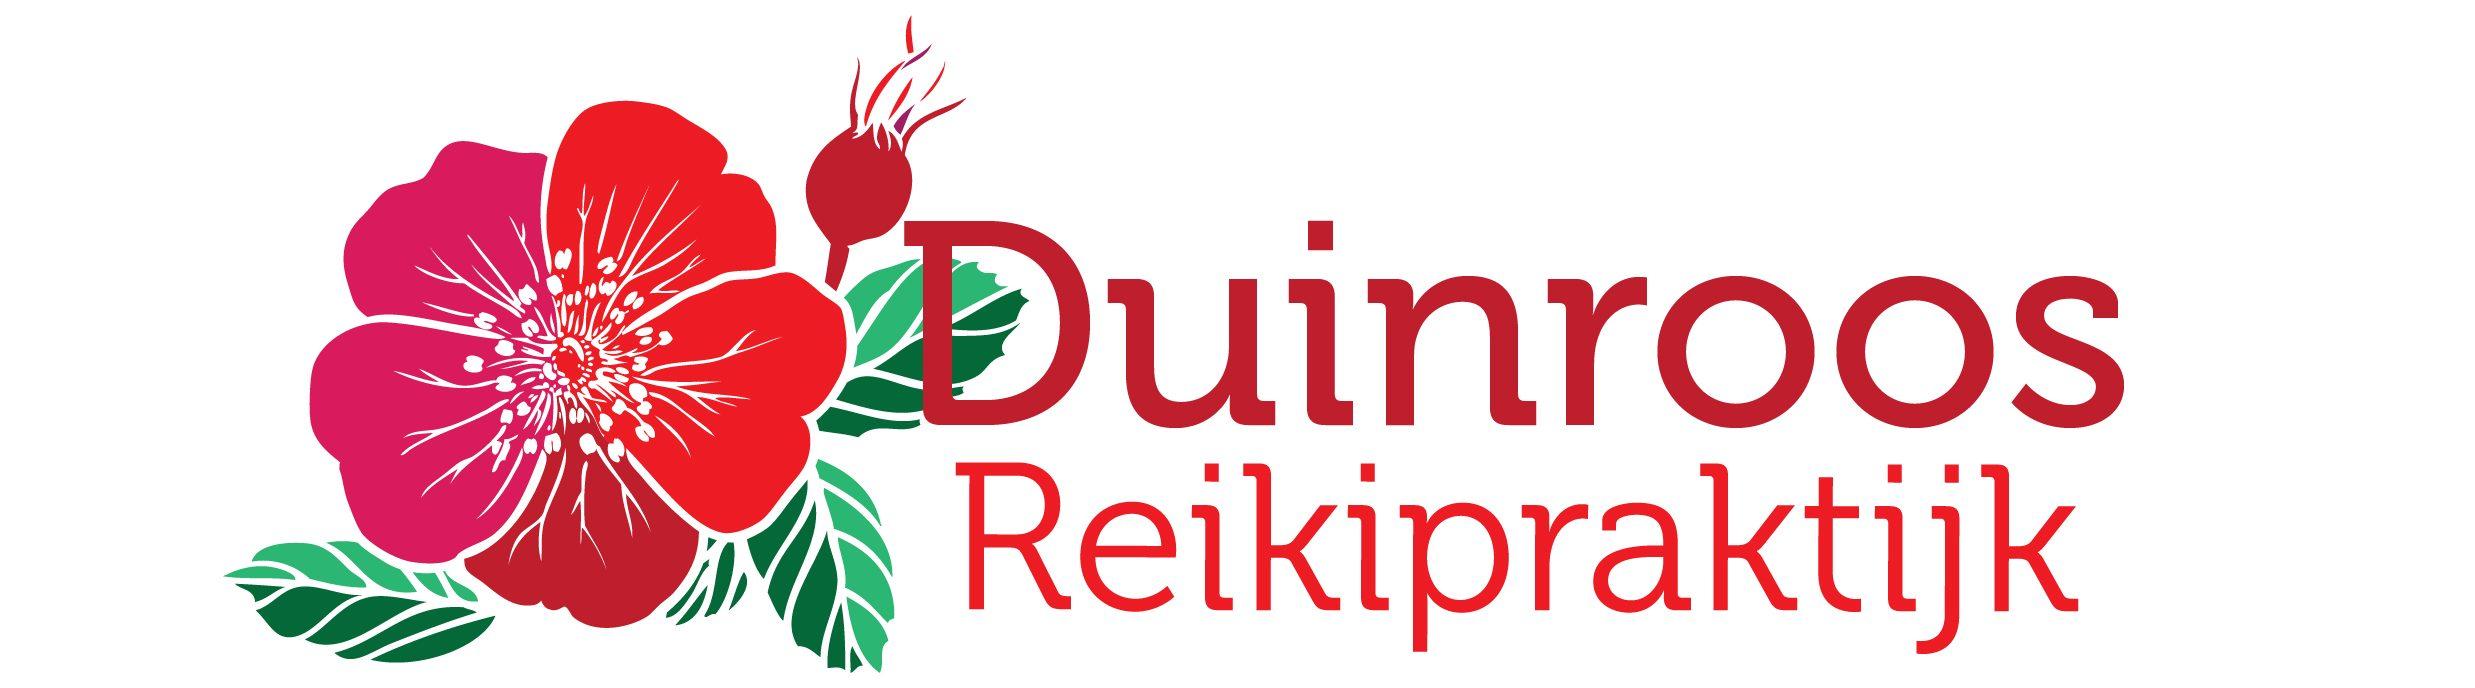 Duinroos Reiki